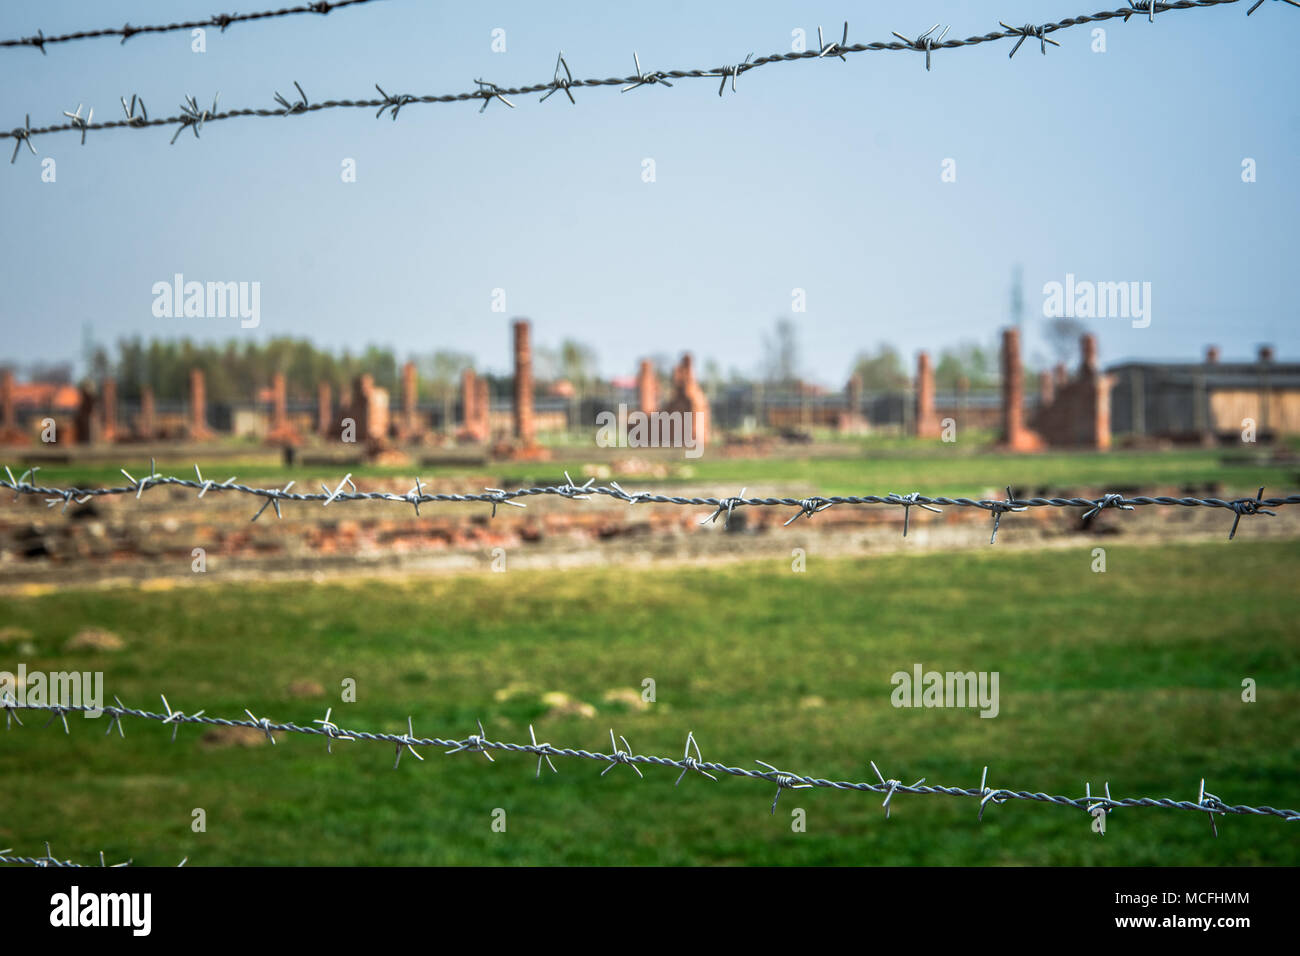 Elektrische stacheldrähte der deutschen nationalsozialistischen Konzentrations- und Vernichtungslager von Auschwitz Birkenau Weltkulturerbe, Polen Stockbild